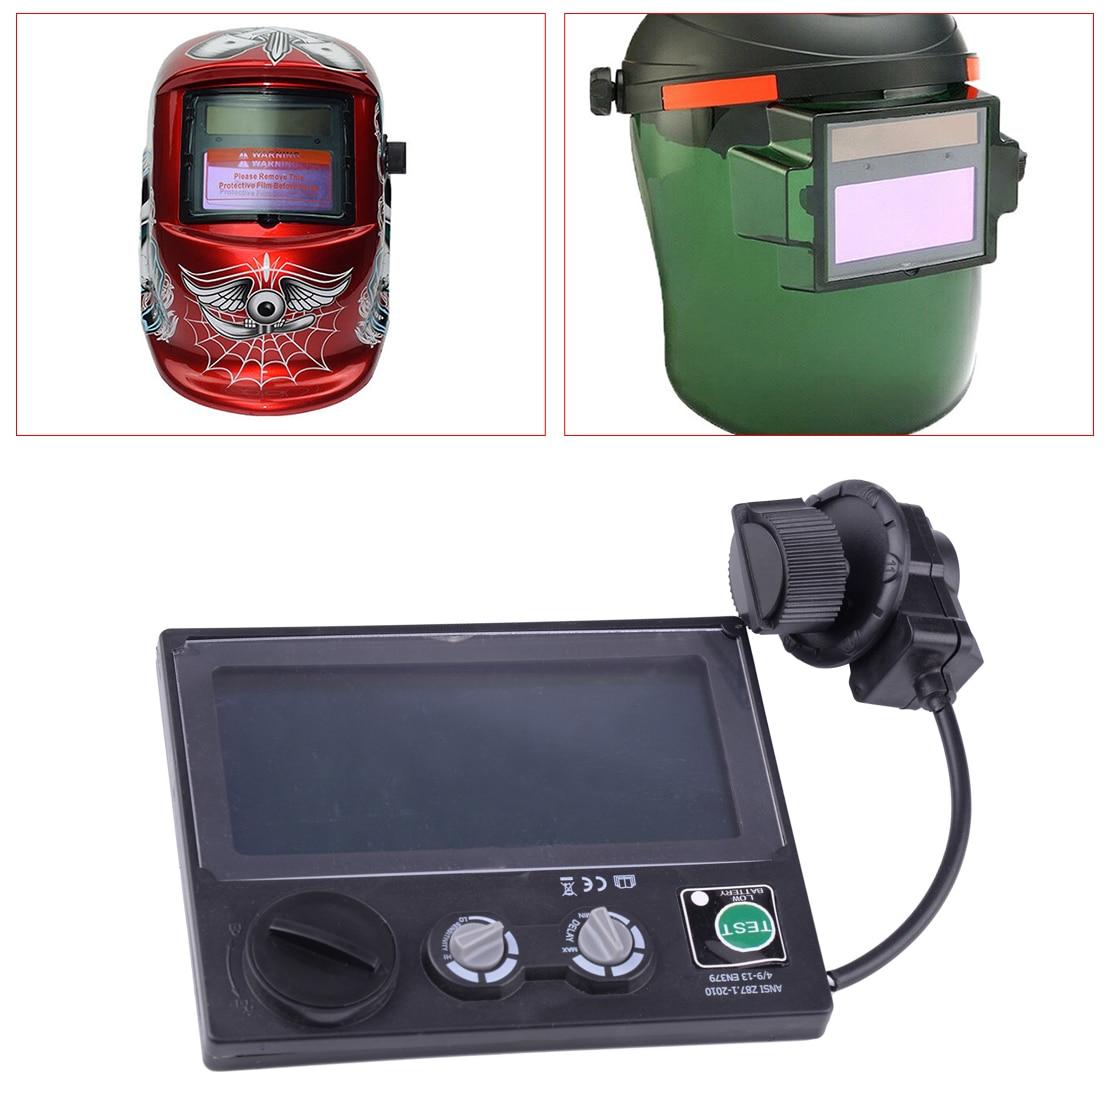 LETAOSK, ajustable, LCD Solar automático, oscurecimiento, casco de soldadura, tapa de lente, gafas UV IR, filtro de sombra DIN4 DIN9-13